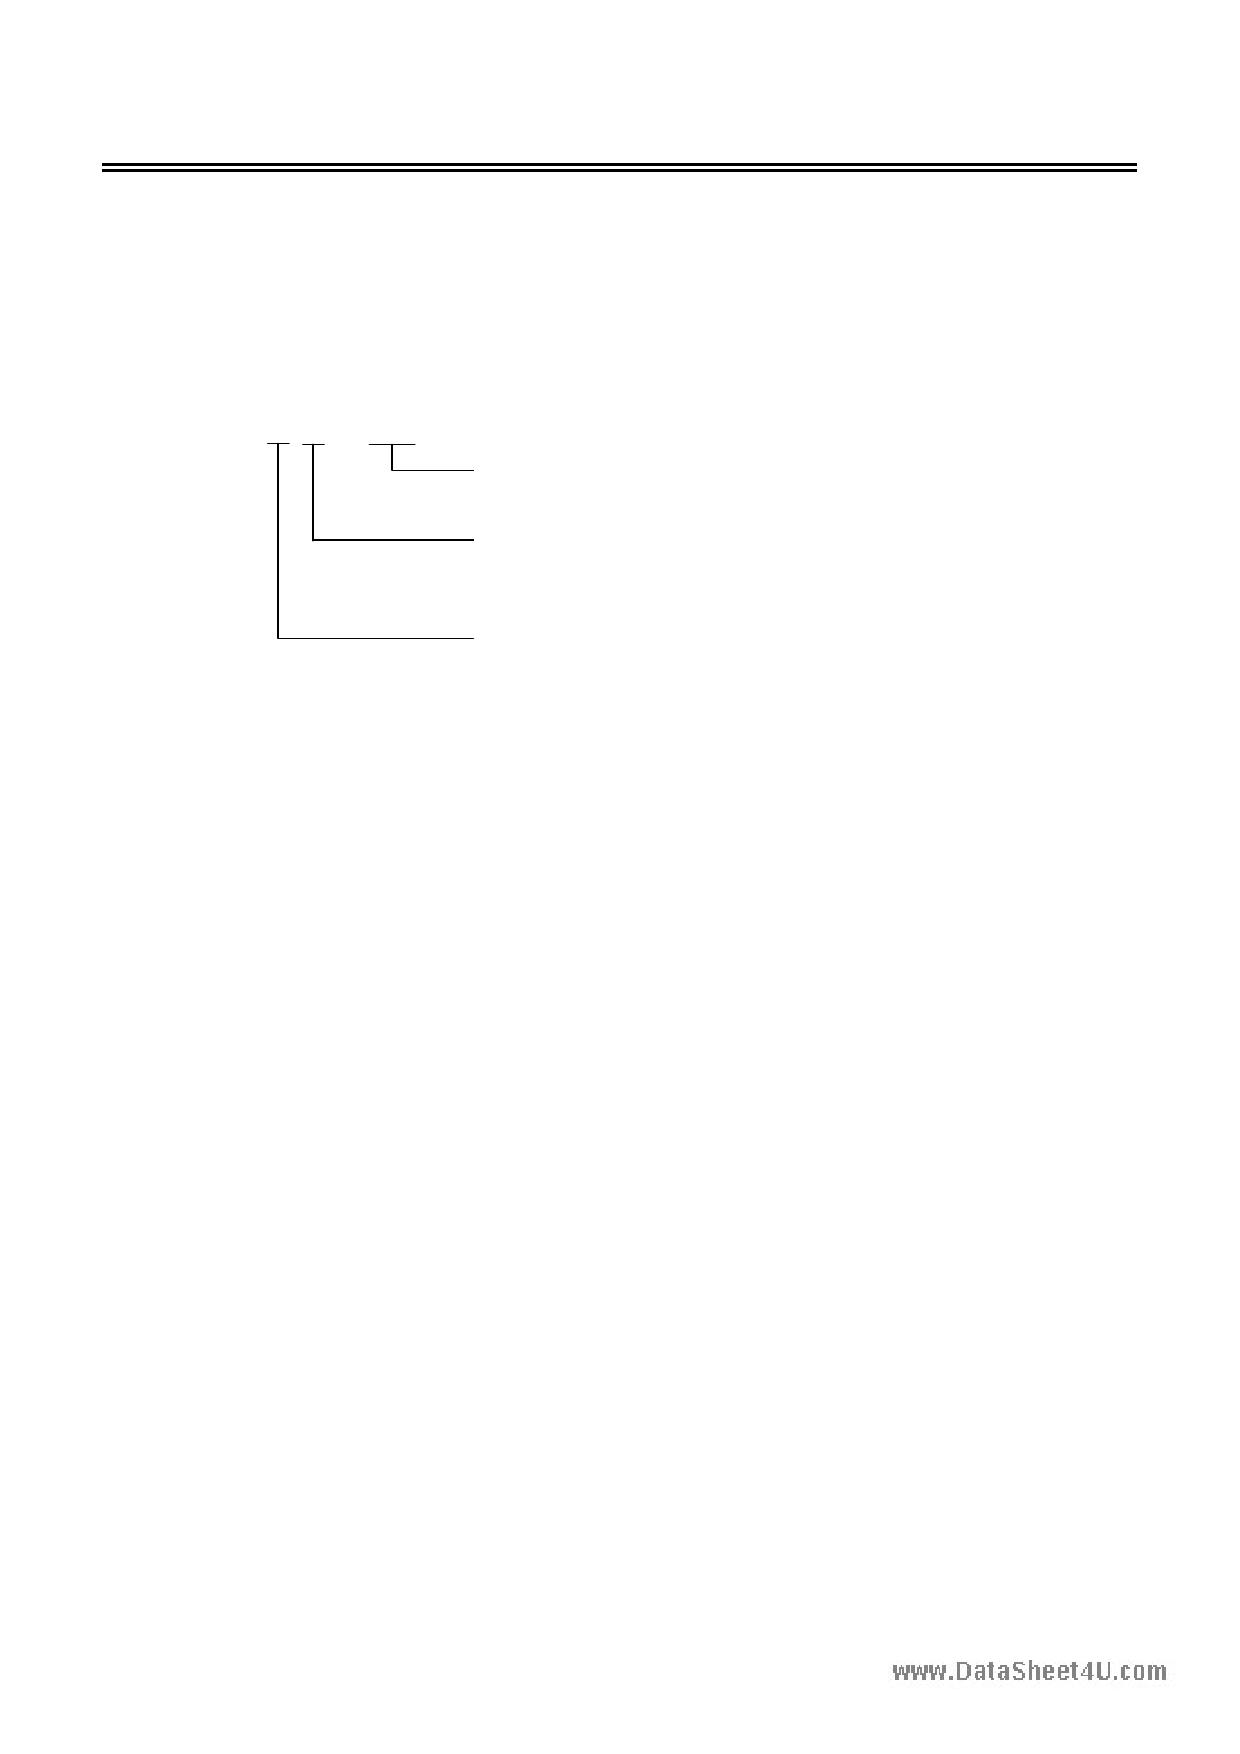 S-1155 pdf, ピン配列